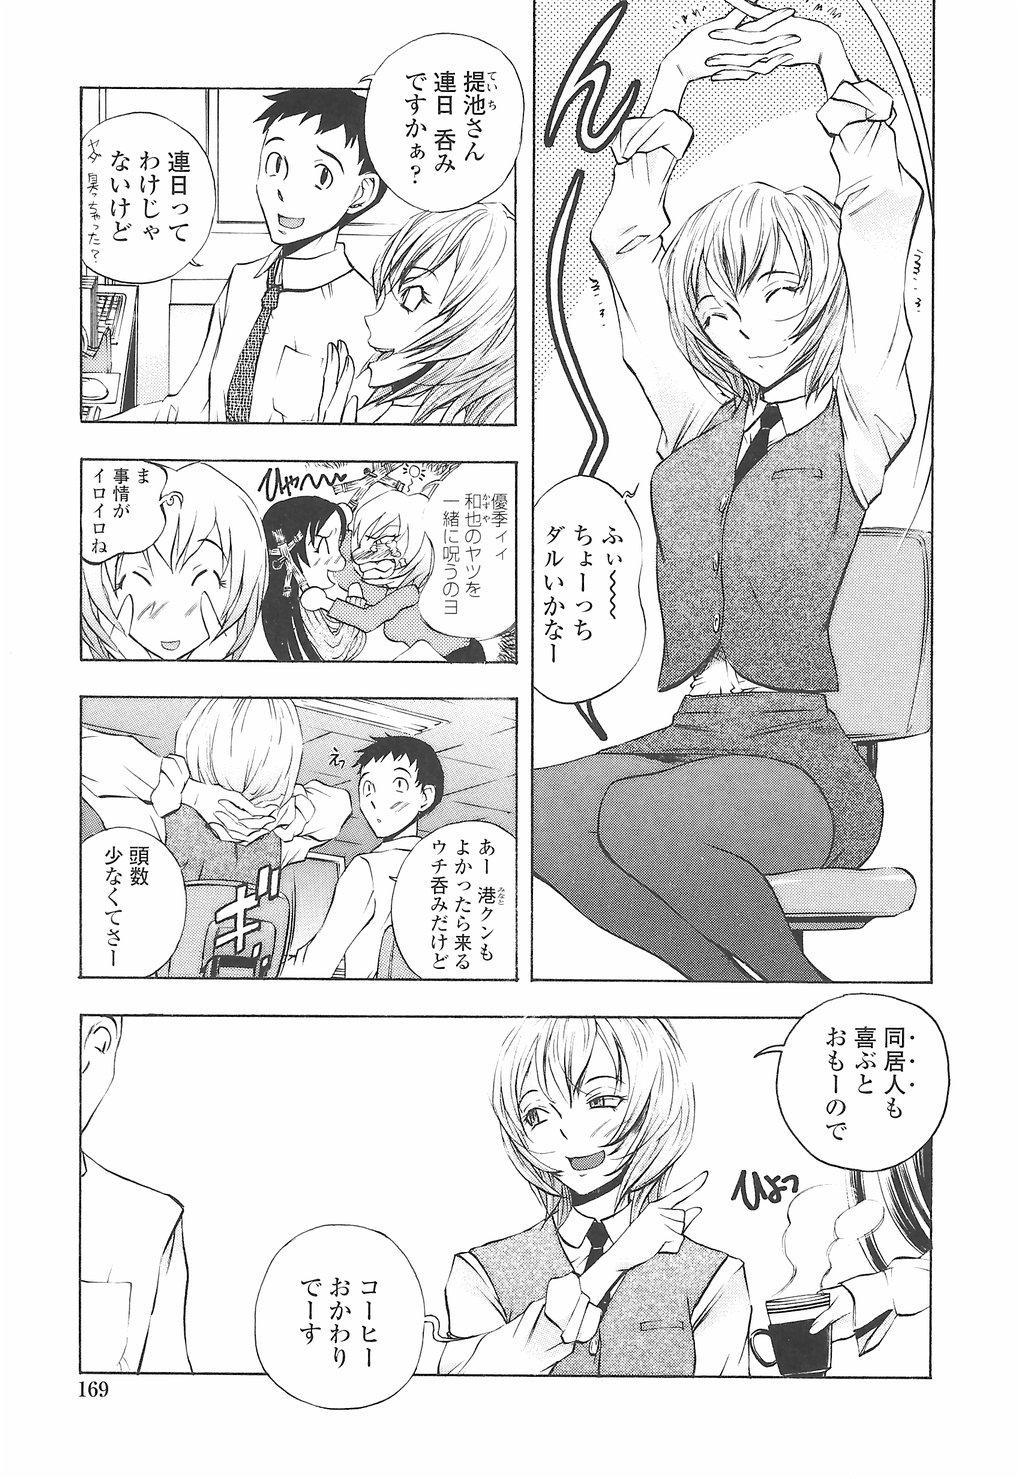 [Yuuki Tsumugi] Oshiete Ane-Tea - Teach me! my sister teacher. 172